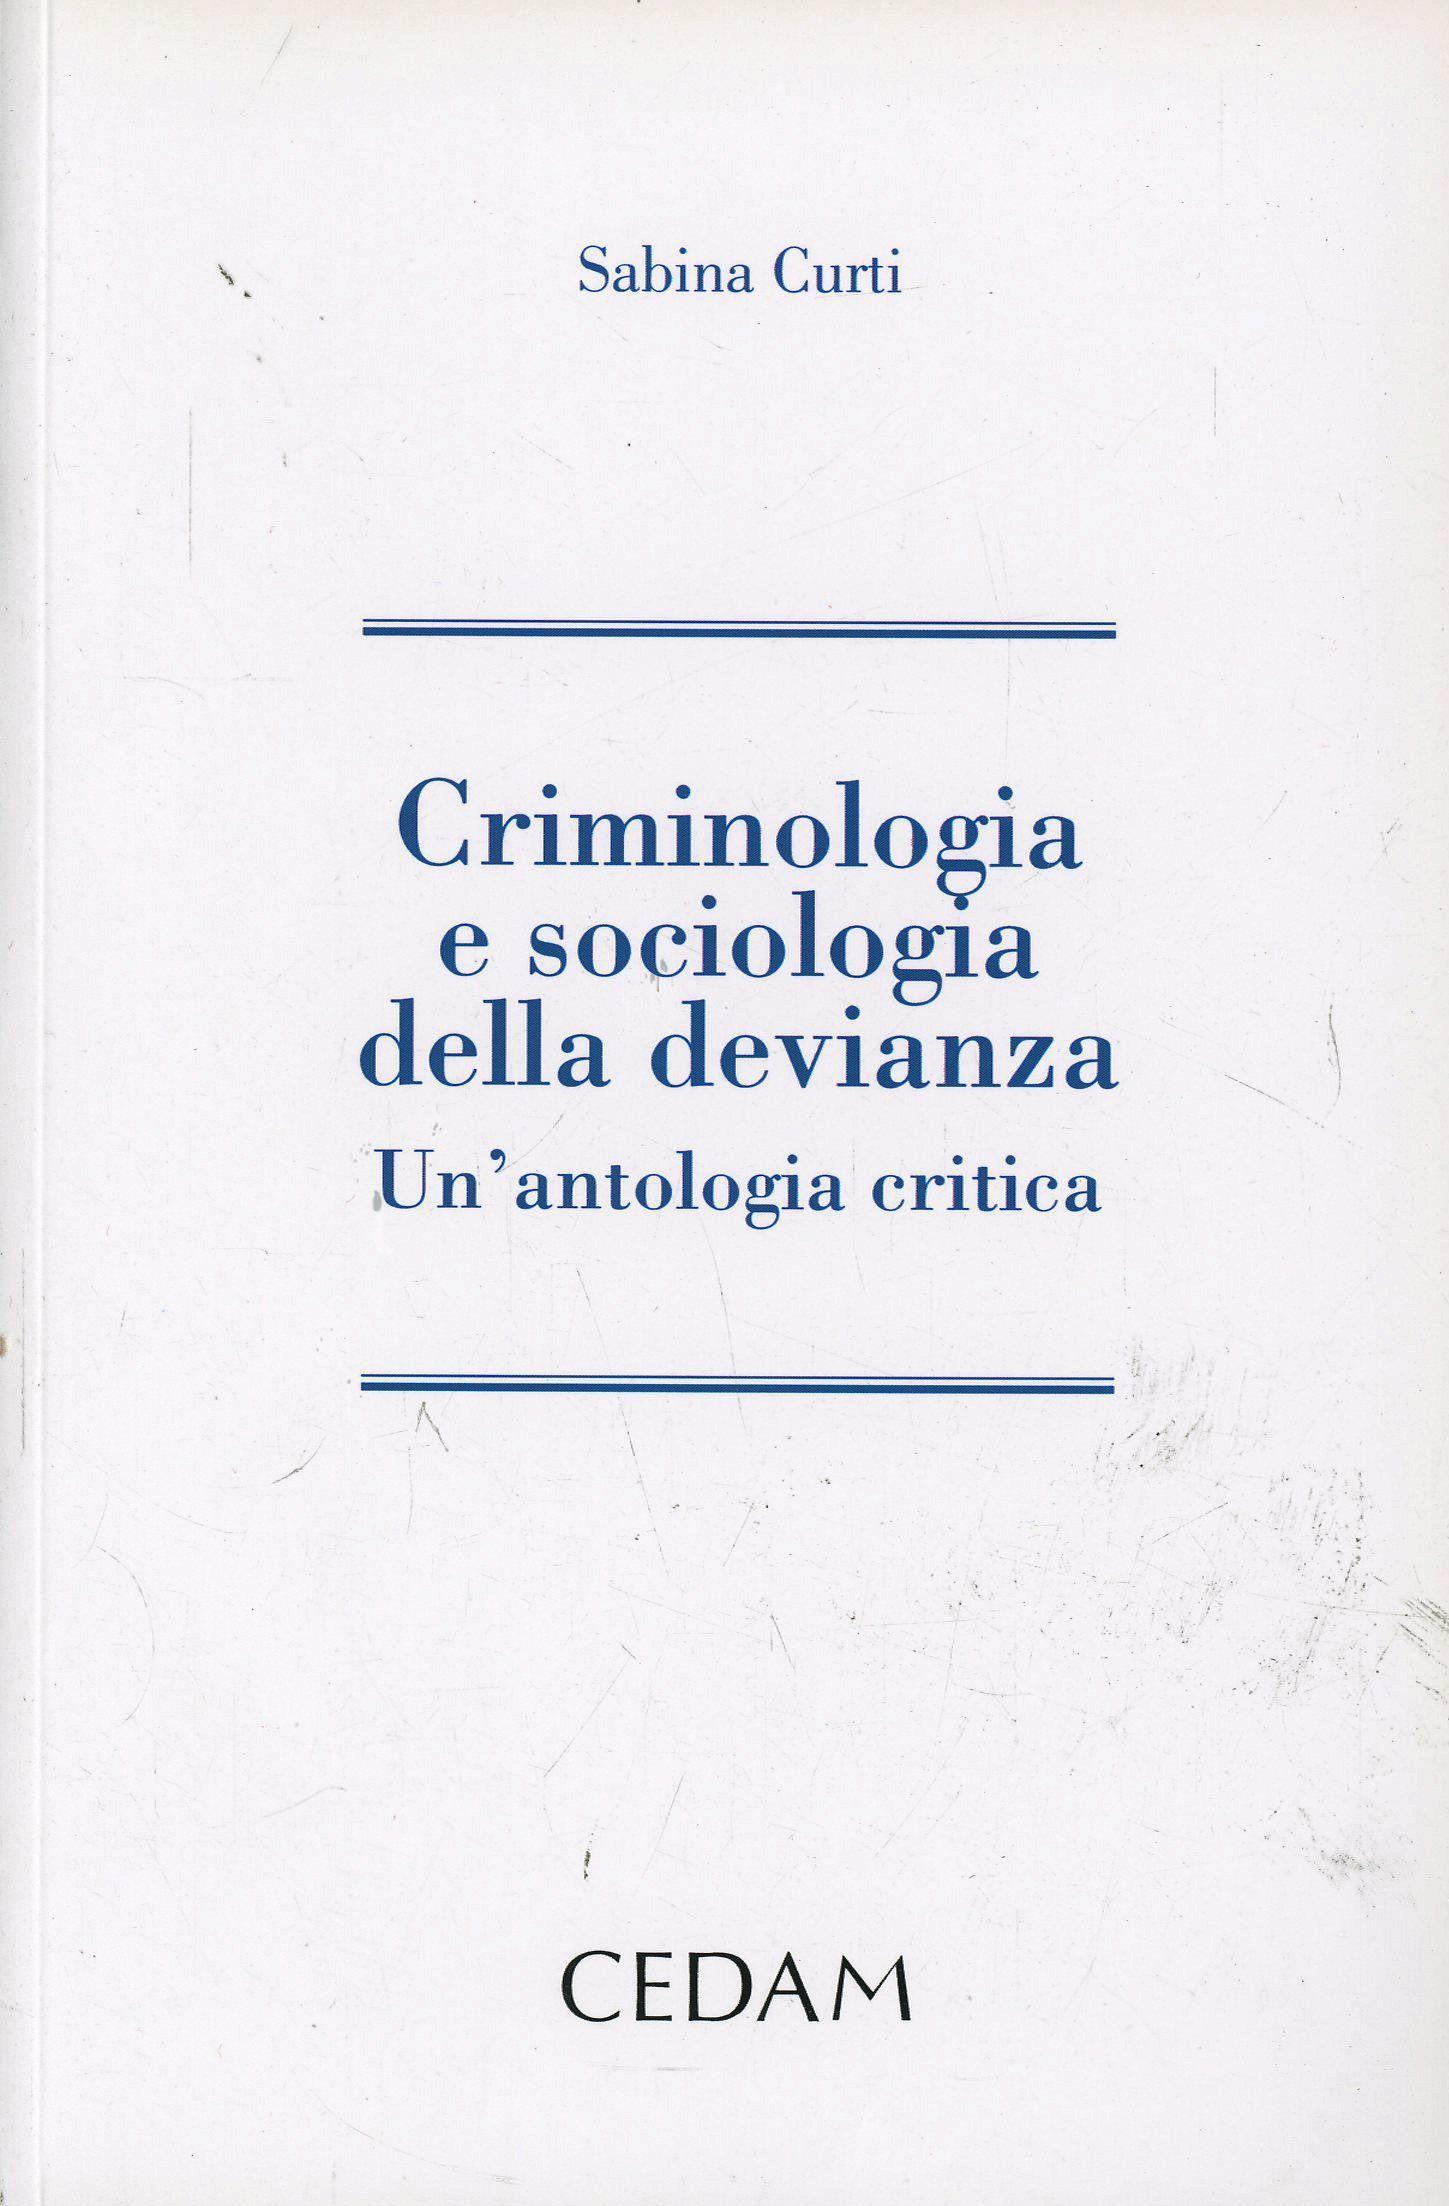 Criminologia e sociologia della devianza: un'antologia critica. Sabina Curti ; con testi di Zygmunt Bauman, [et al.]